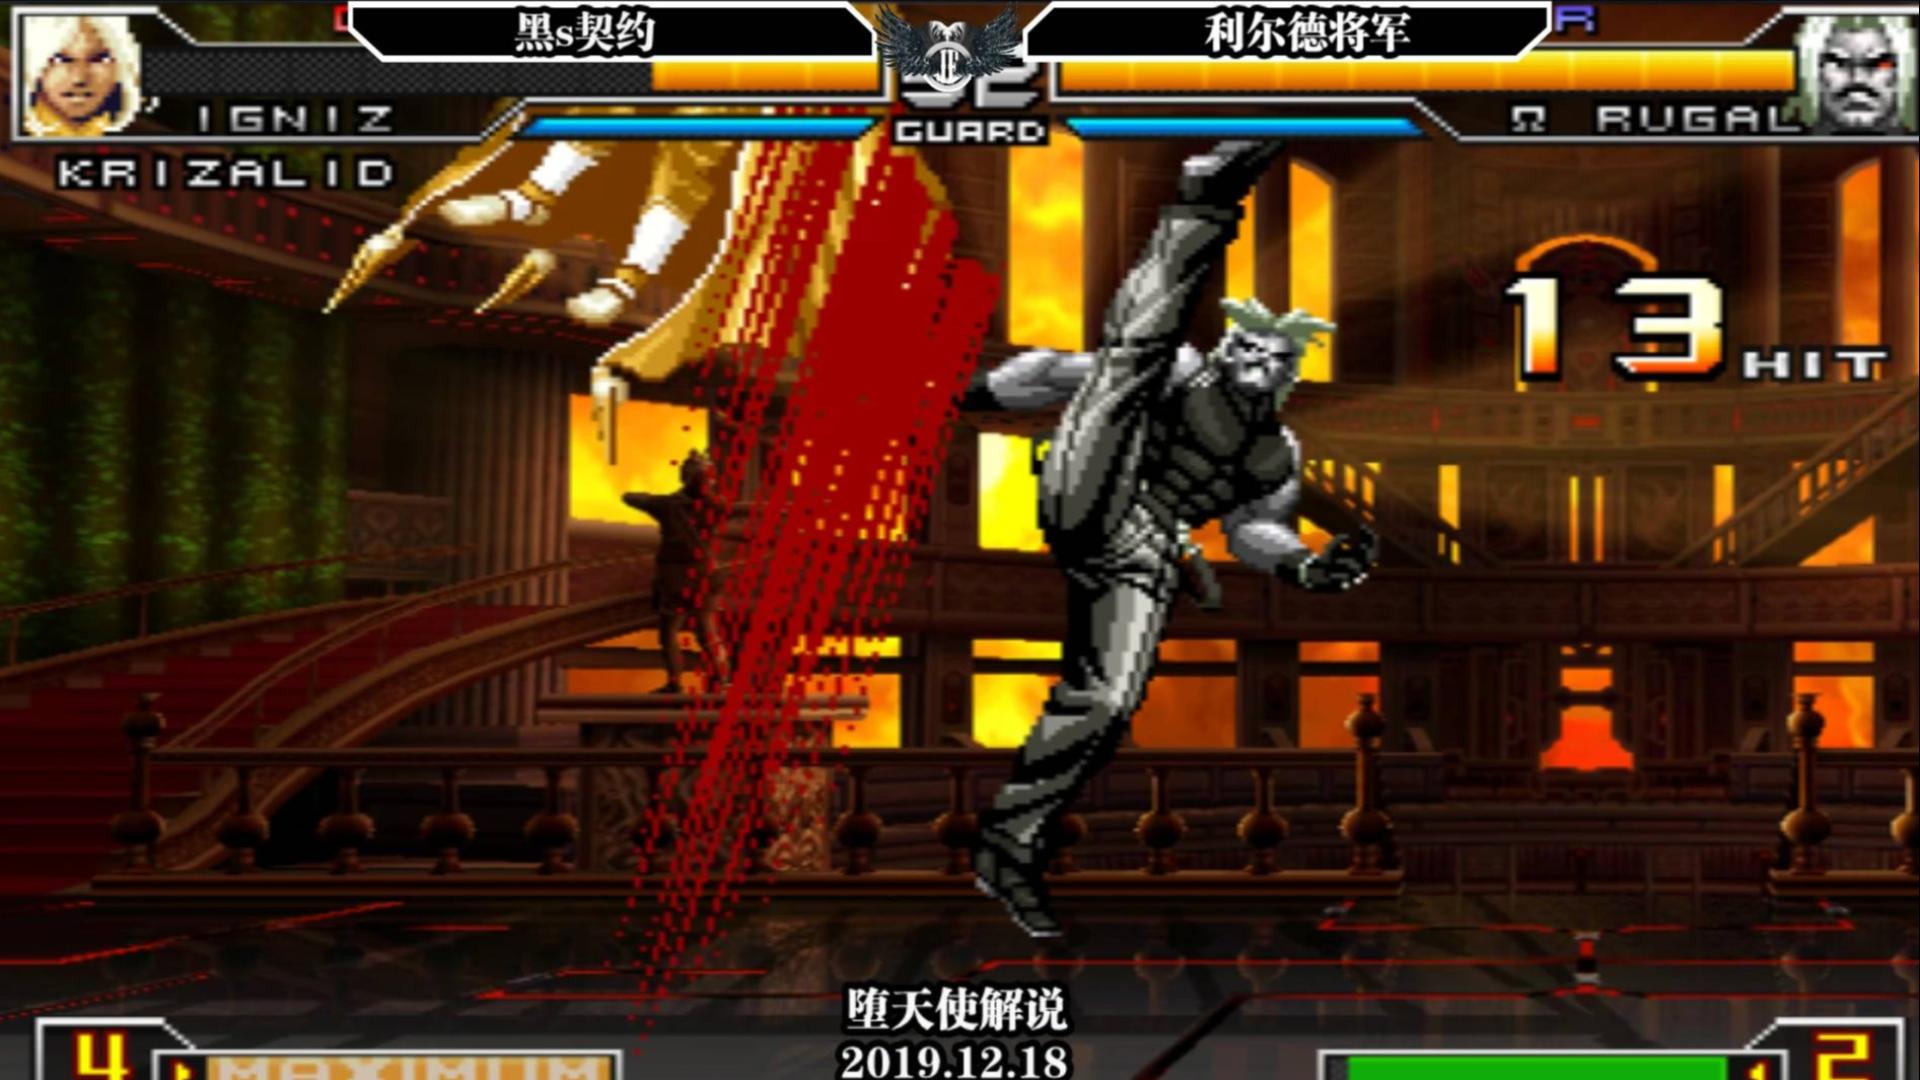 拳皇02um 将军老卢一局打出4个升龙接超杀,契约心里是奔溃的